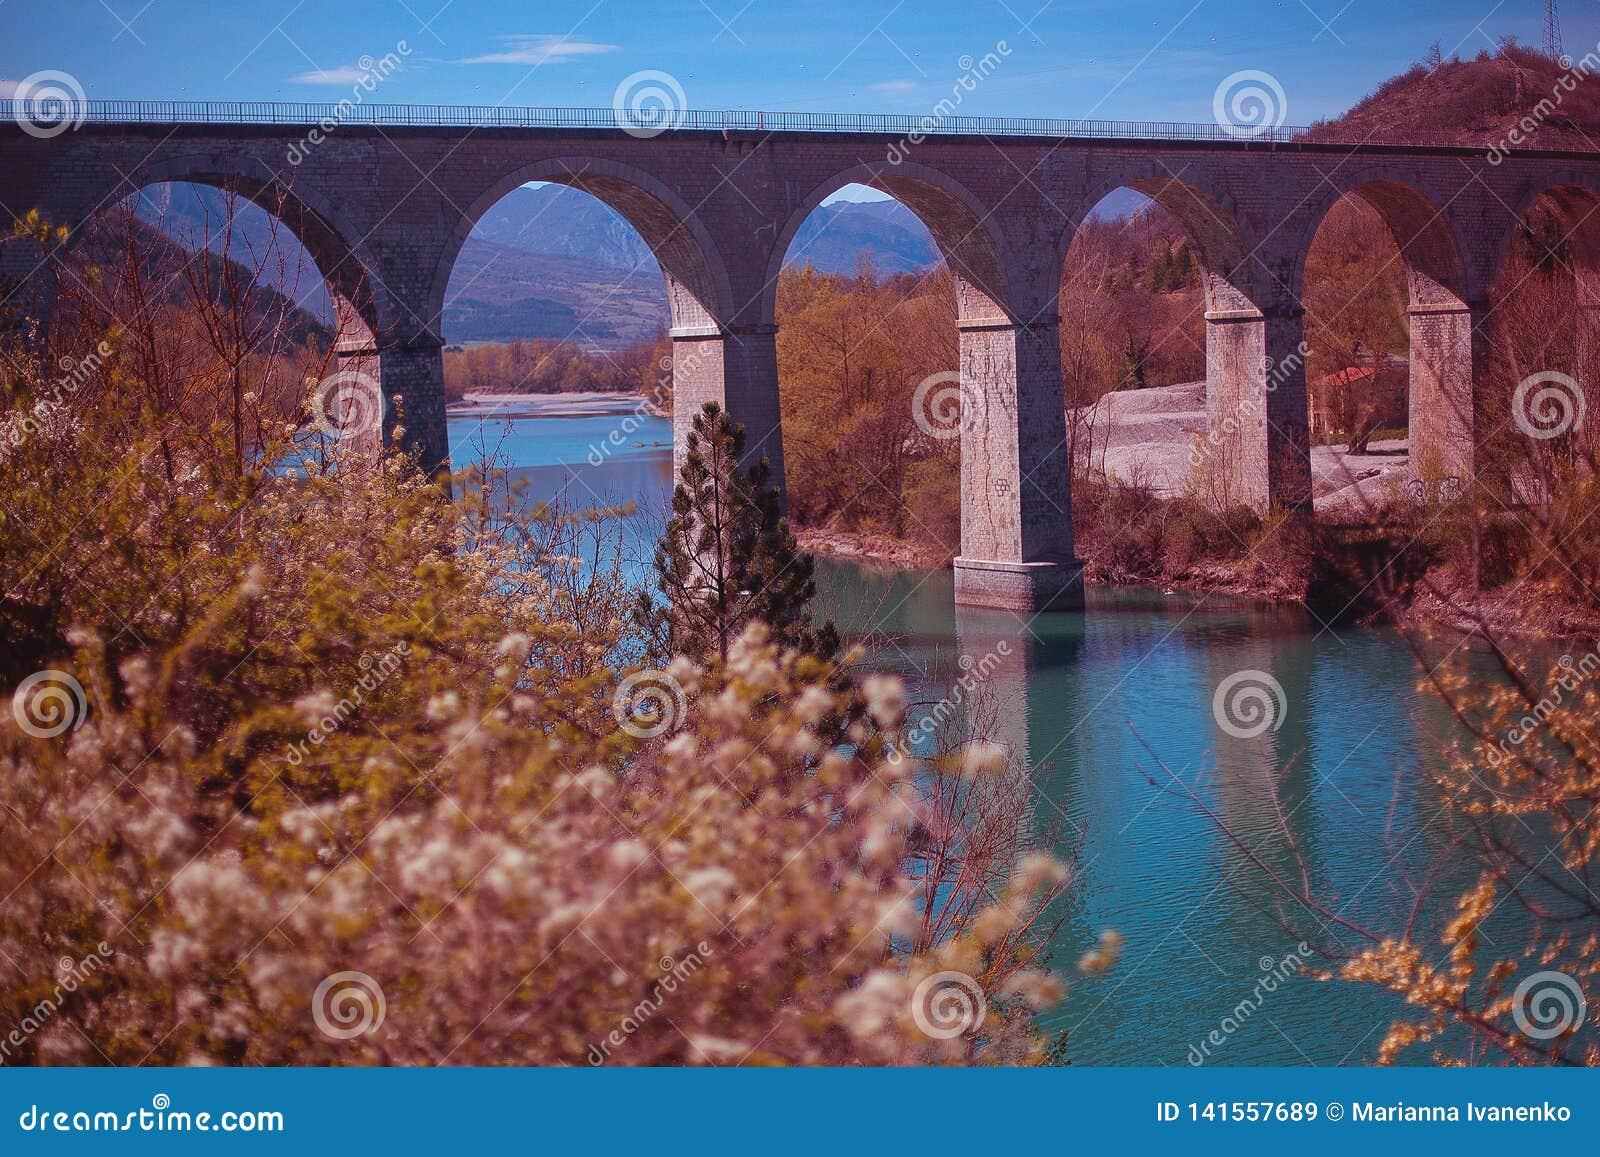 Fransk välvd bro på en flod med blomningträd i förgrund